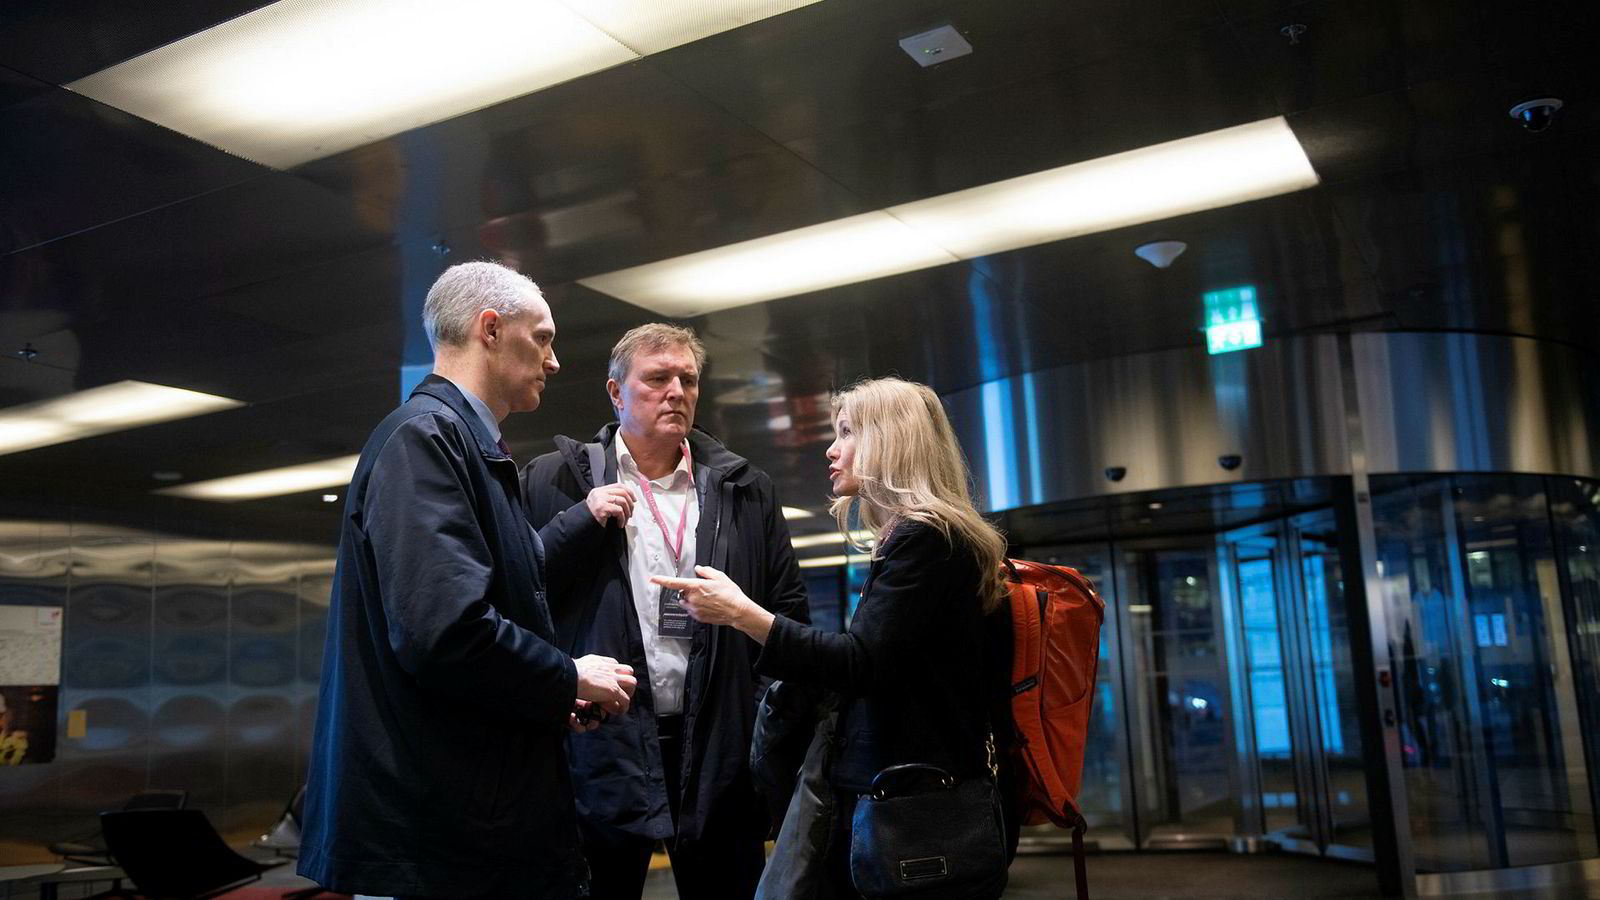 Gründeren Knut Johansen har skapt en ny hit blant investorer. Nå investerer Equinor og Nysnø 120 millioner i Knut Johansens selskap Esmart Systems As. Her er Knut Johansen (i midten) sammen med Siri Kalvig (Nysnø) og Gareth Burns (Equinor).